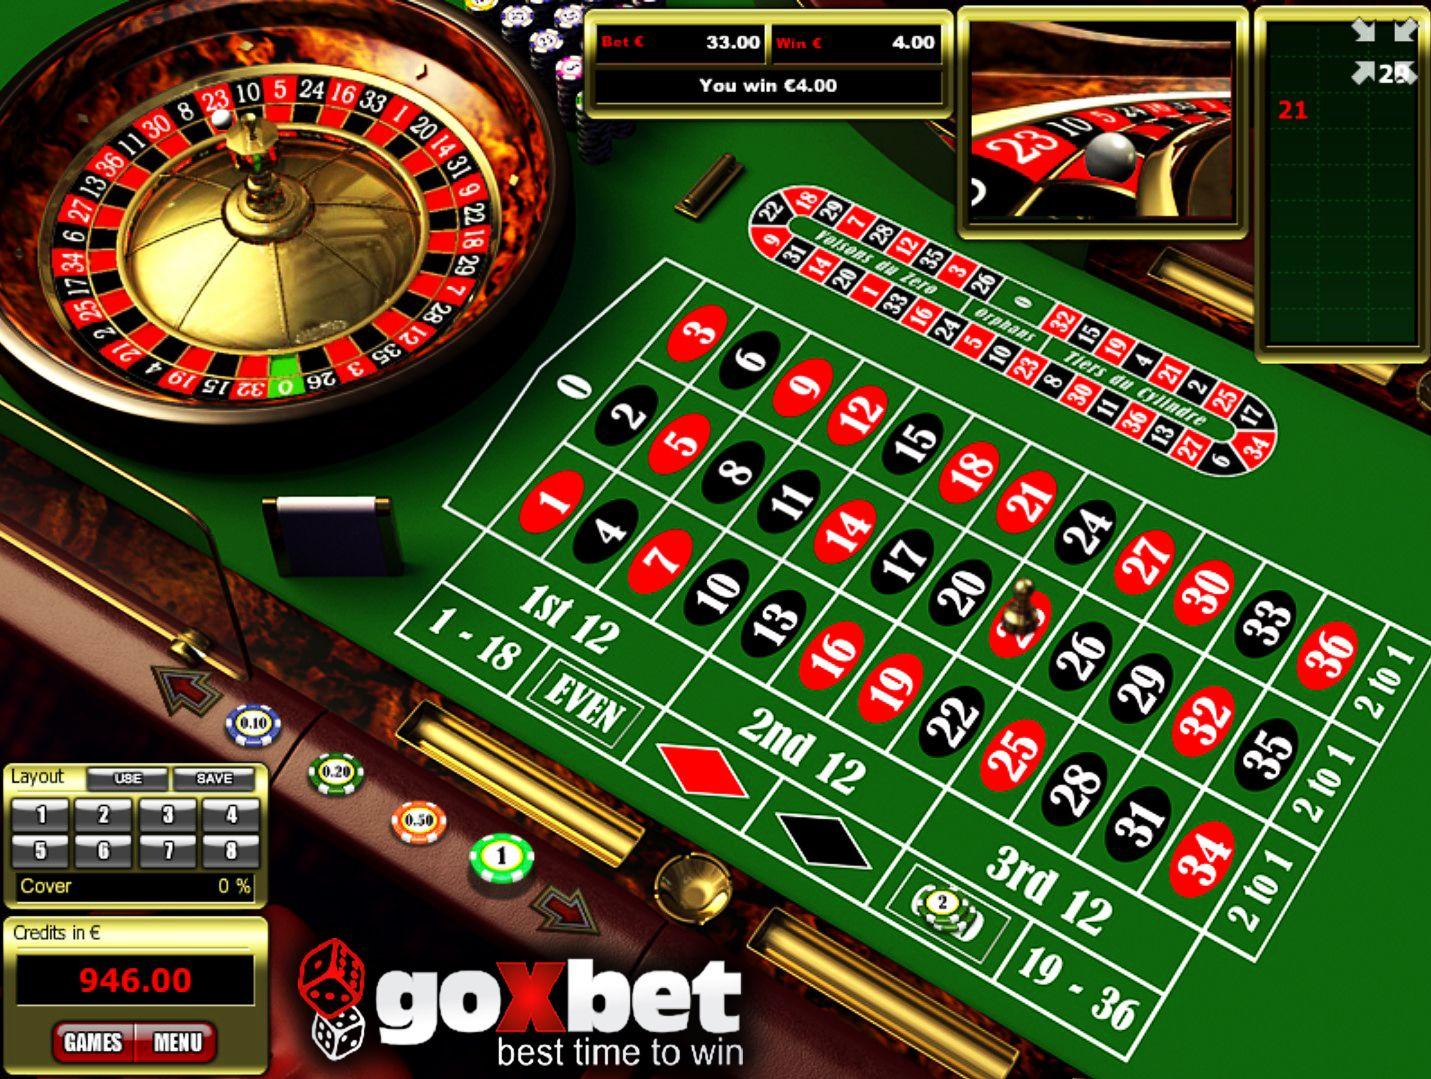 Играть игровые автоматы roulette играть игровые слоты бесплатно